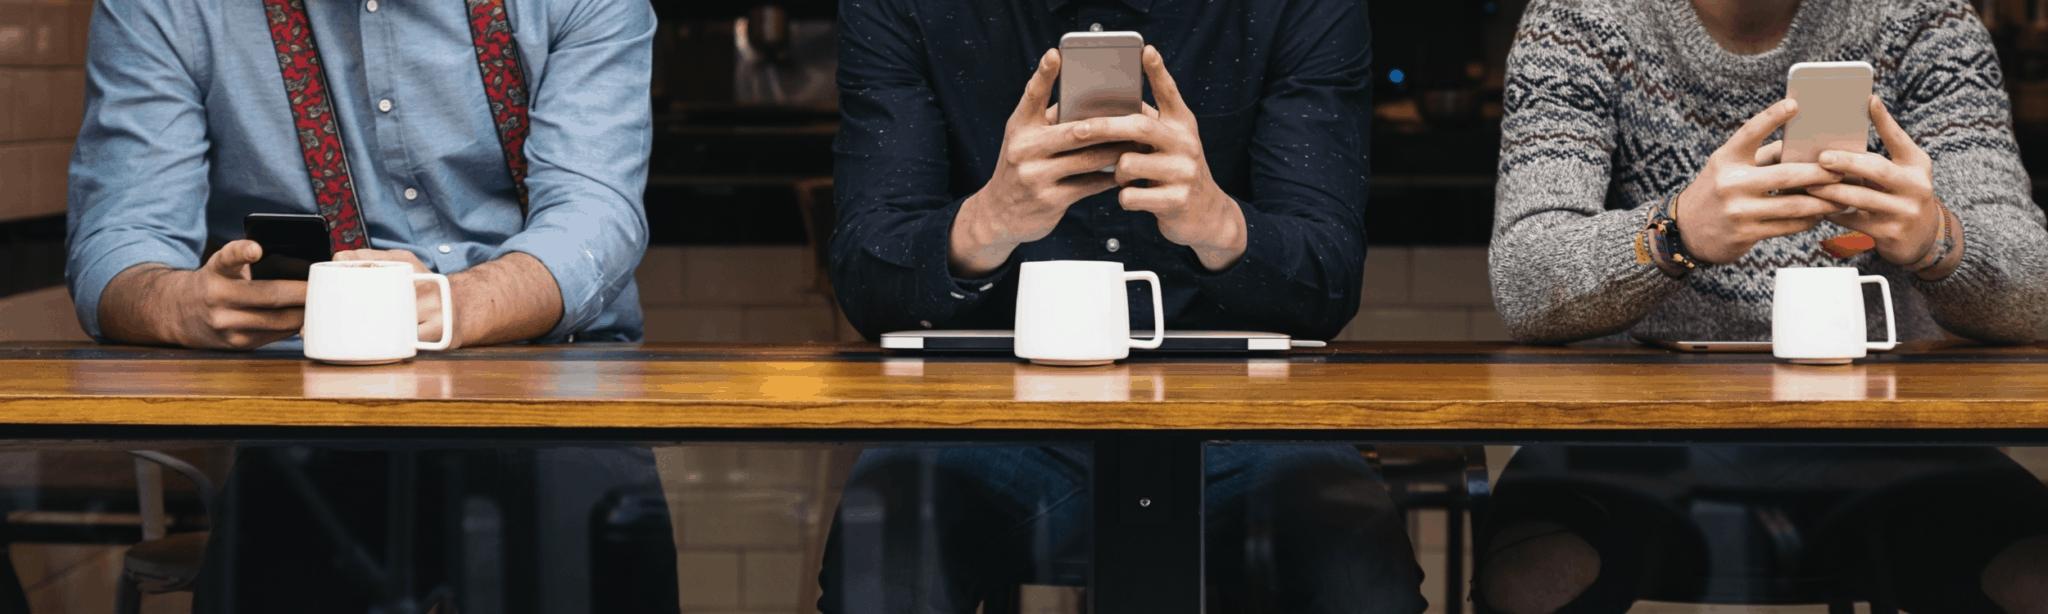 5 ключей эффективной поисковой оптимизации ресторана